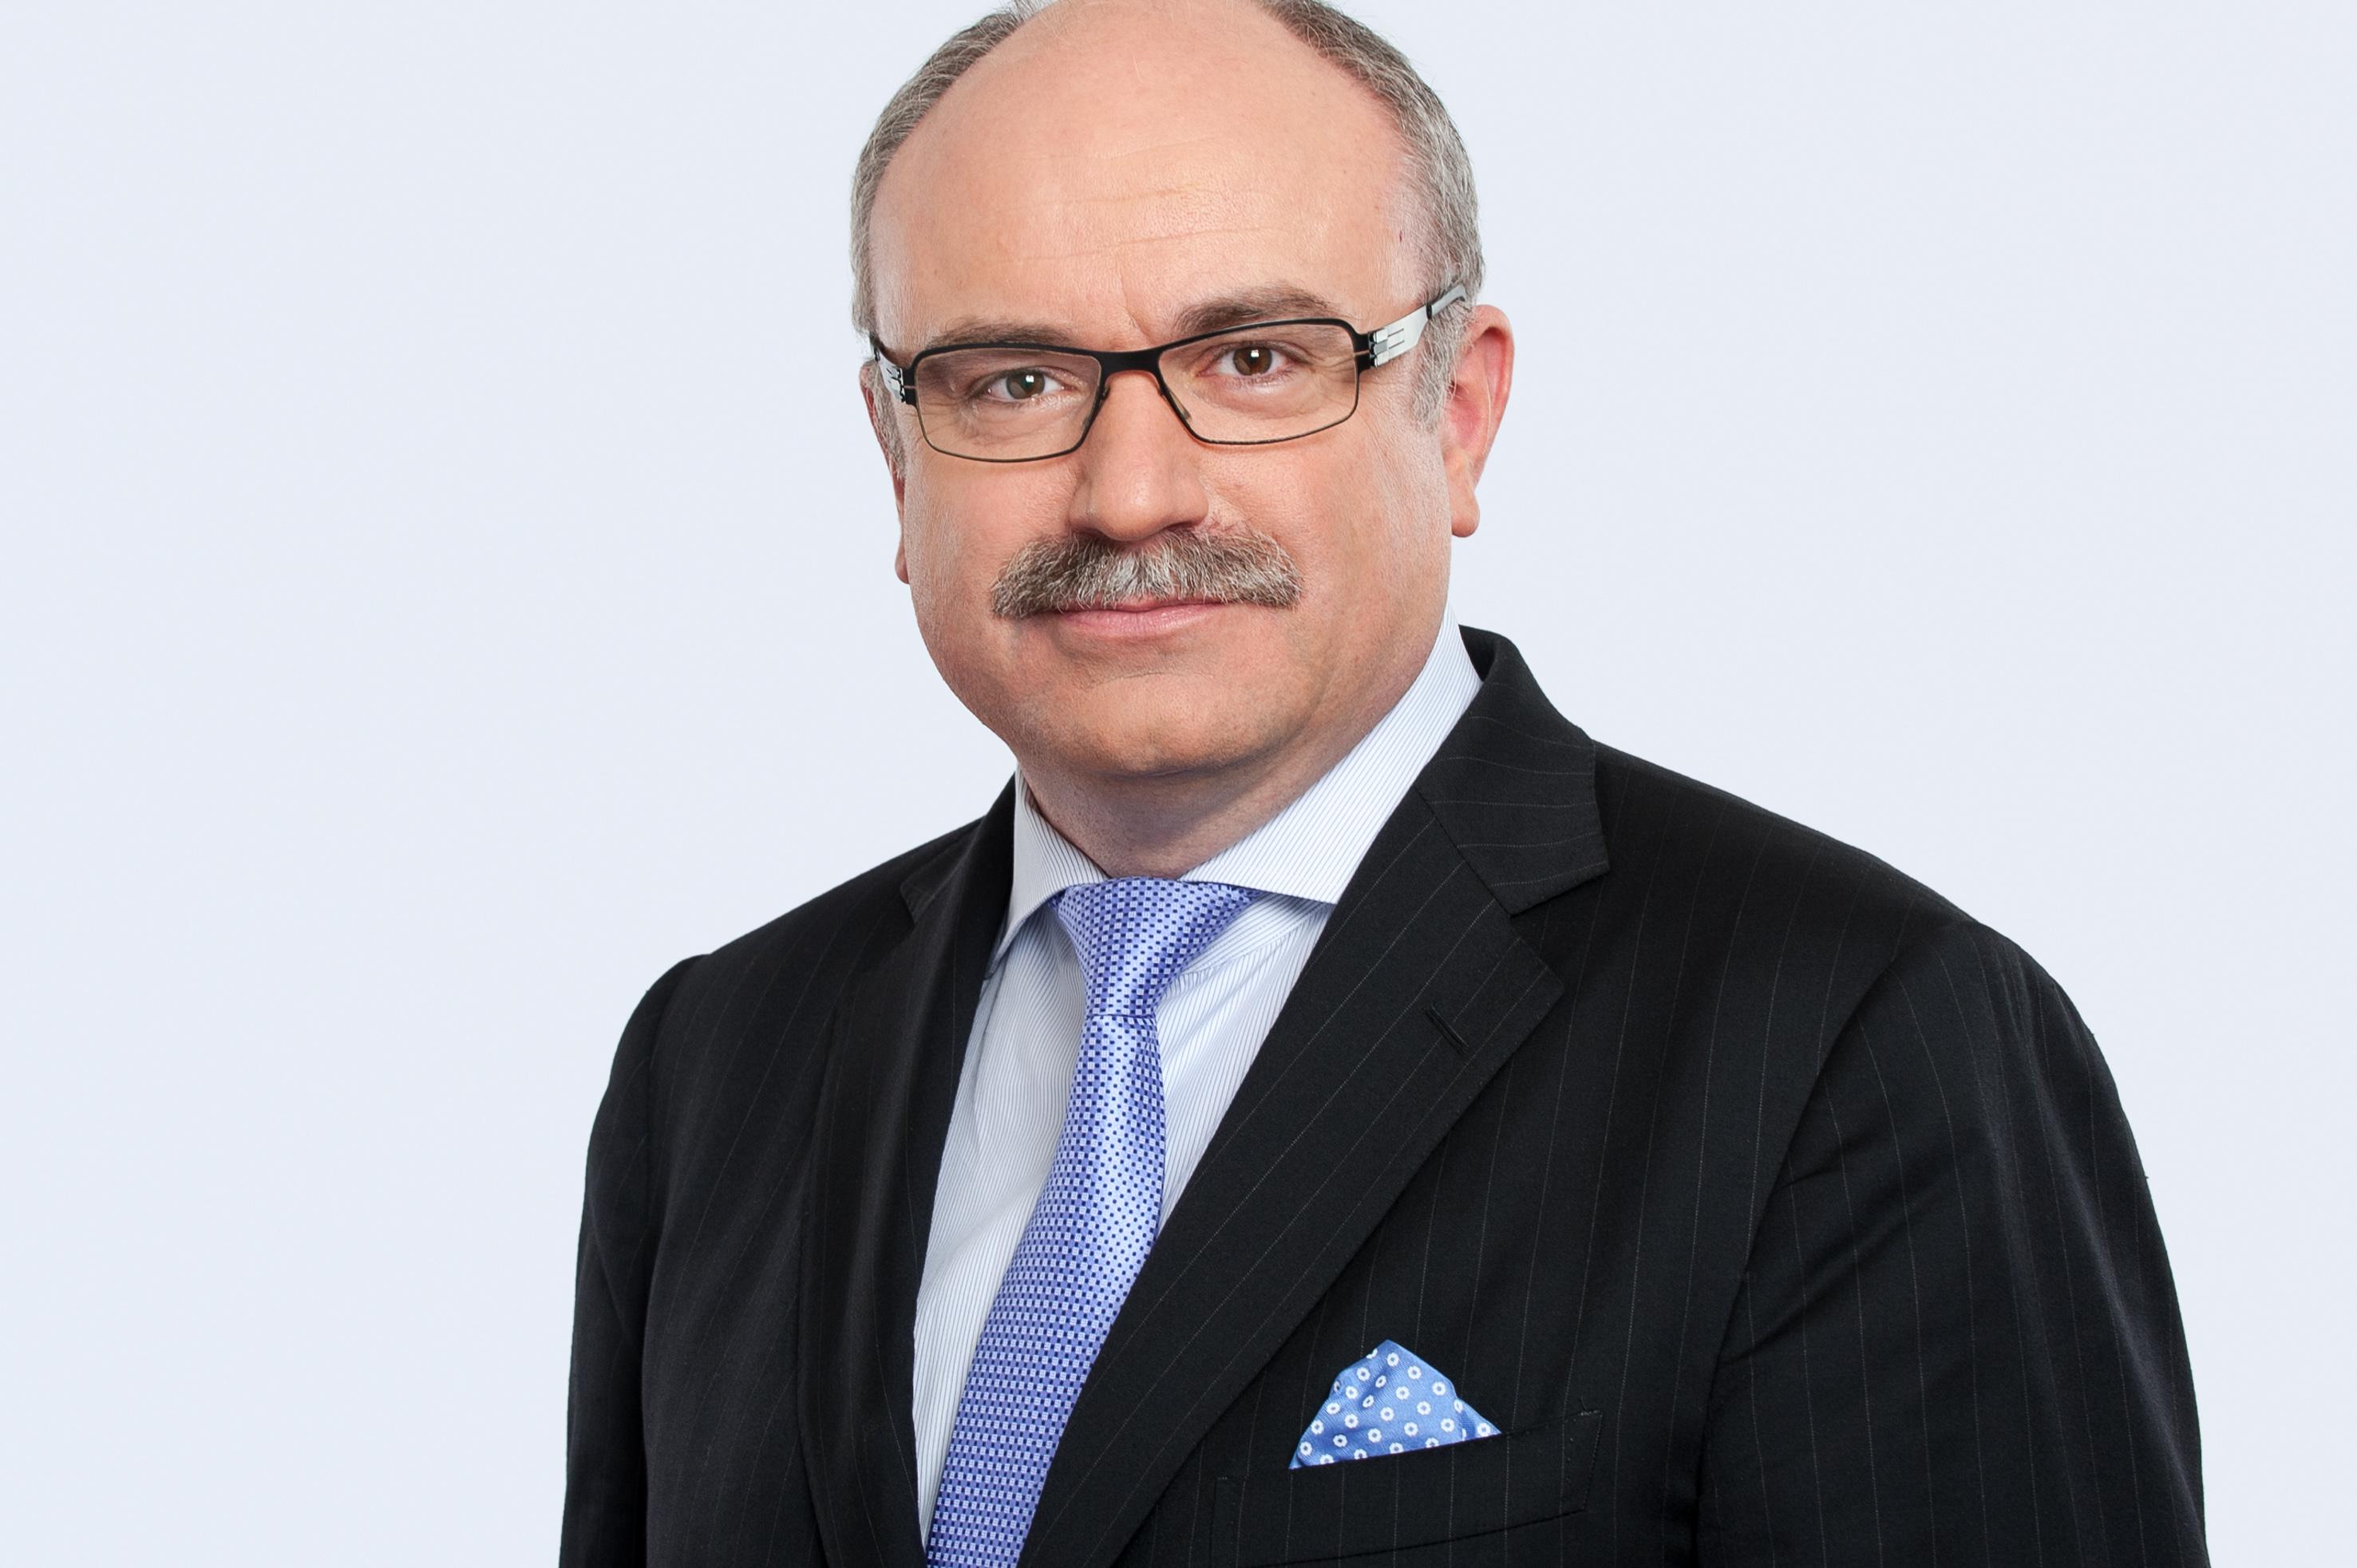 Dr. Wolfgang Menke